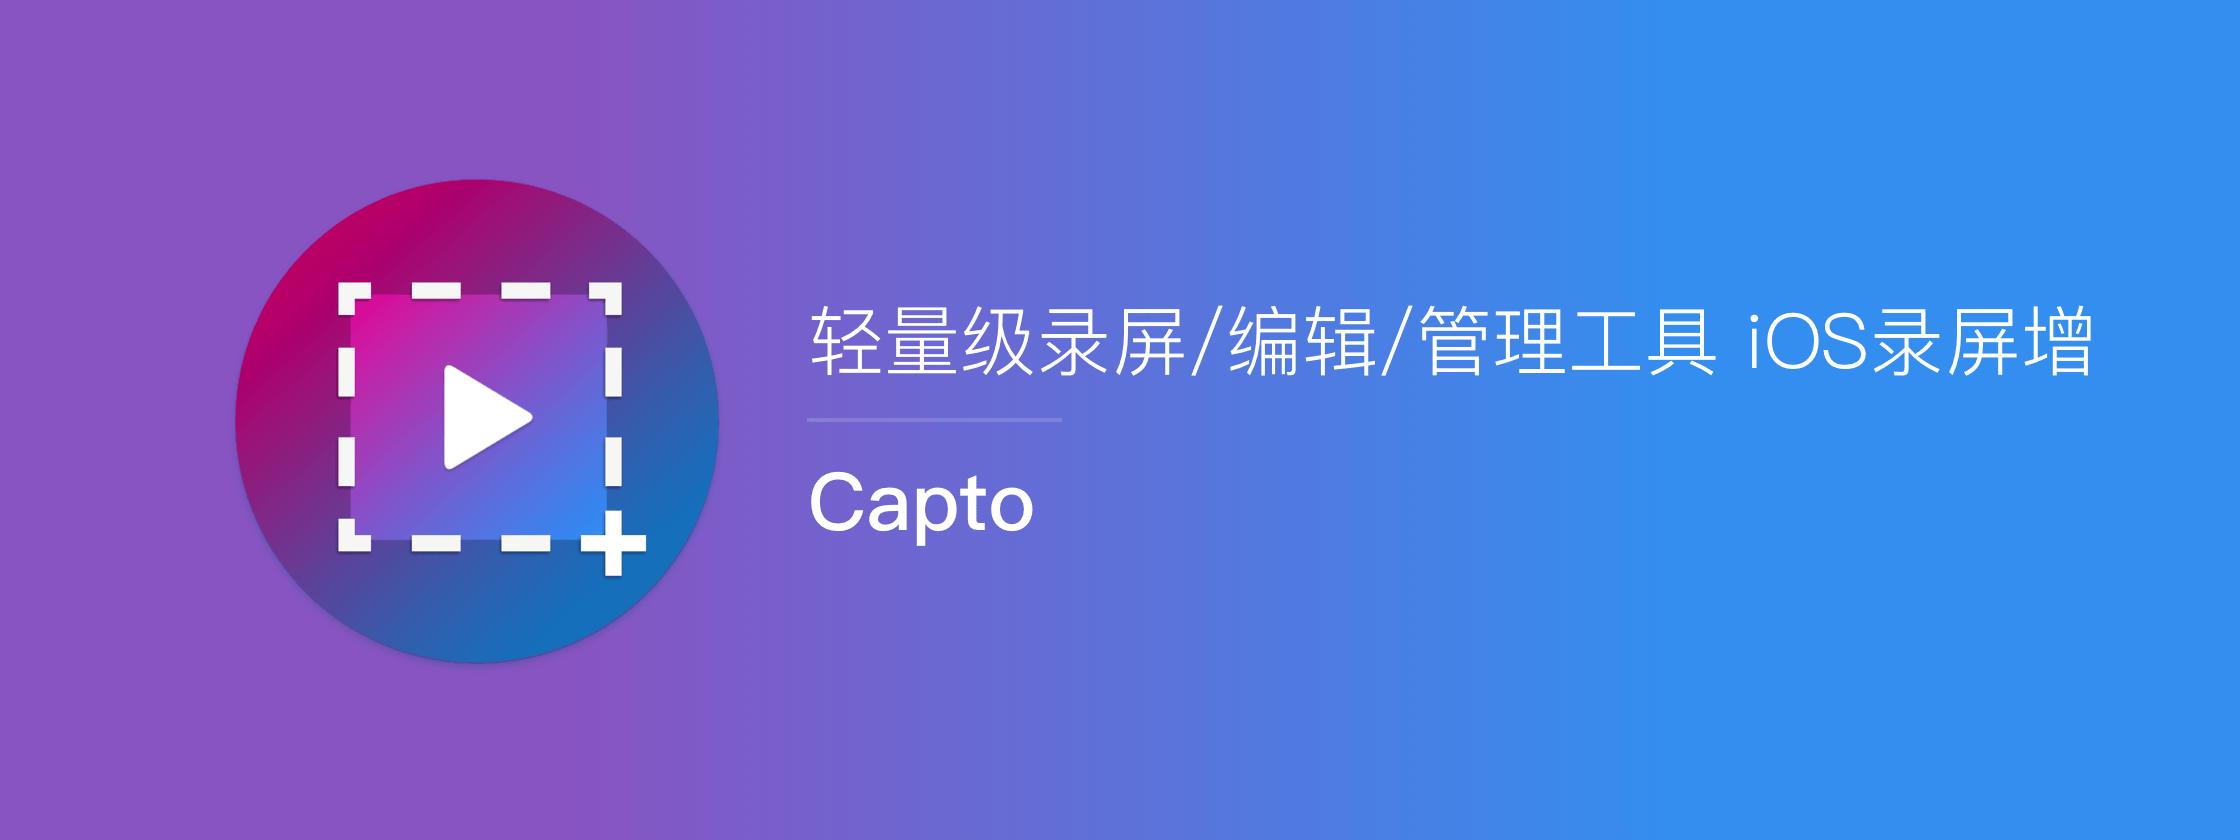 Capto – 轻量级录屏/编辑/管理工具 iOS录屏增